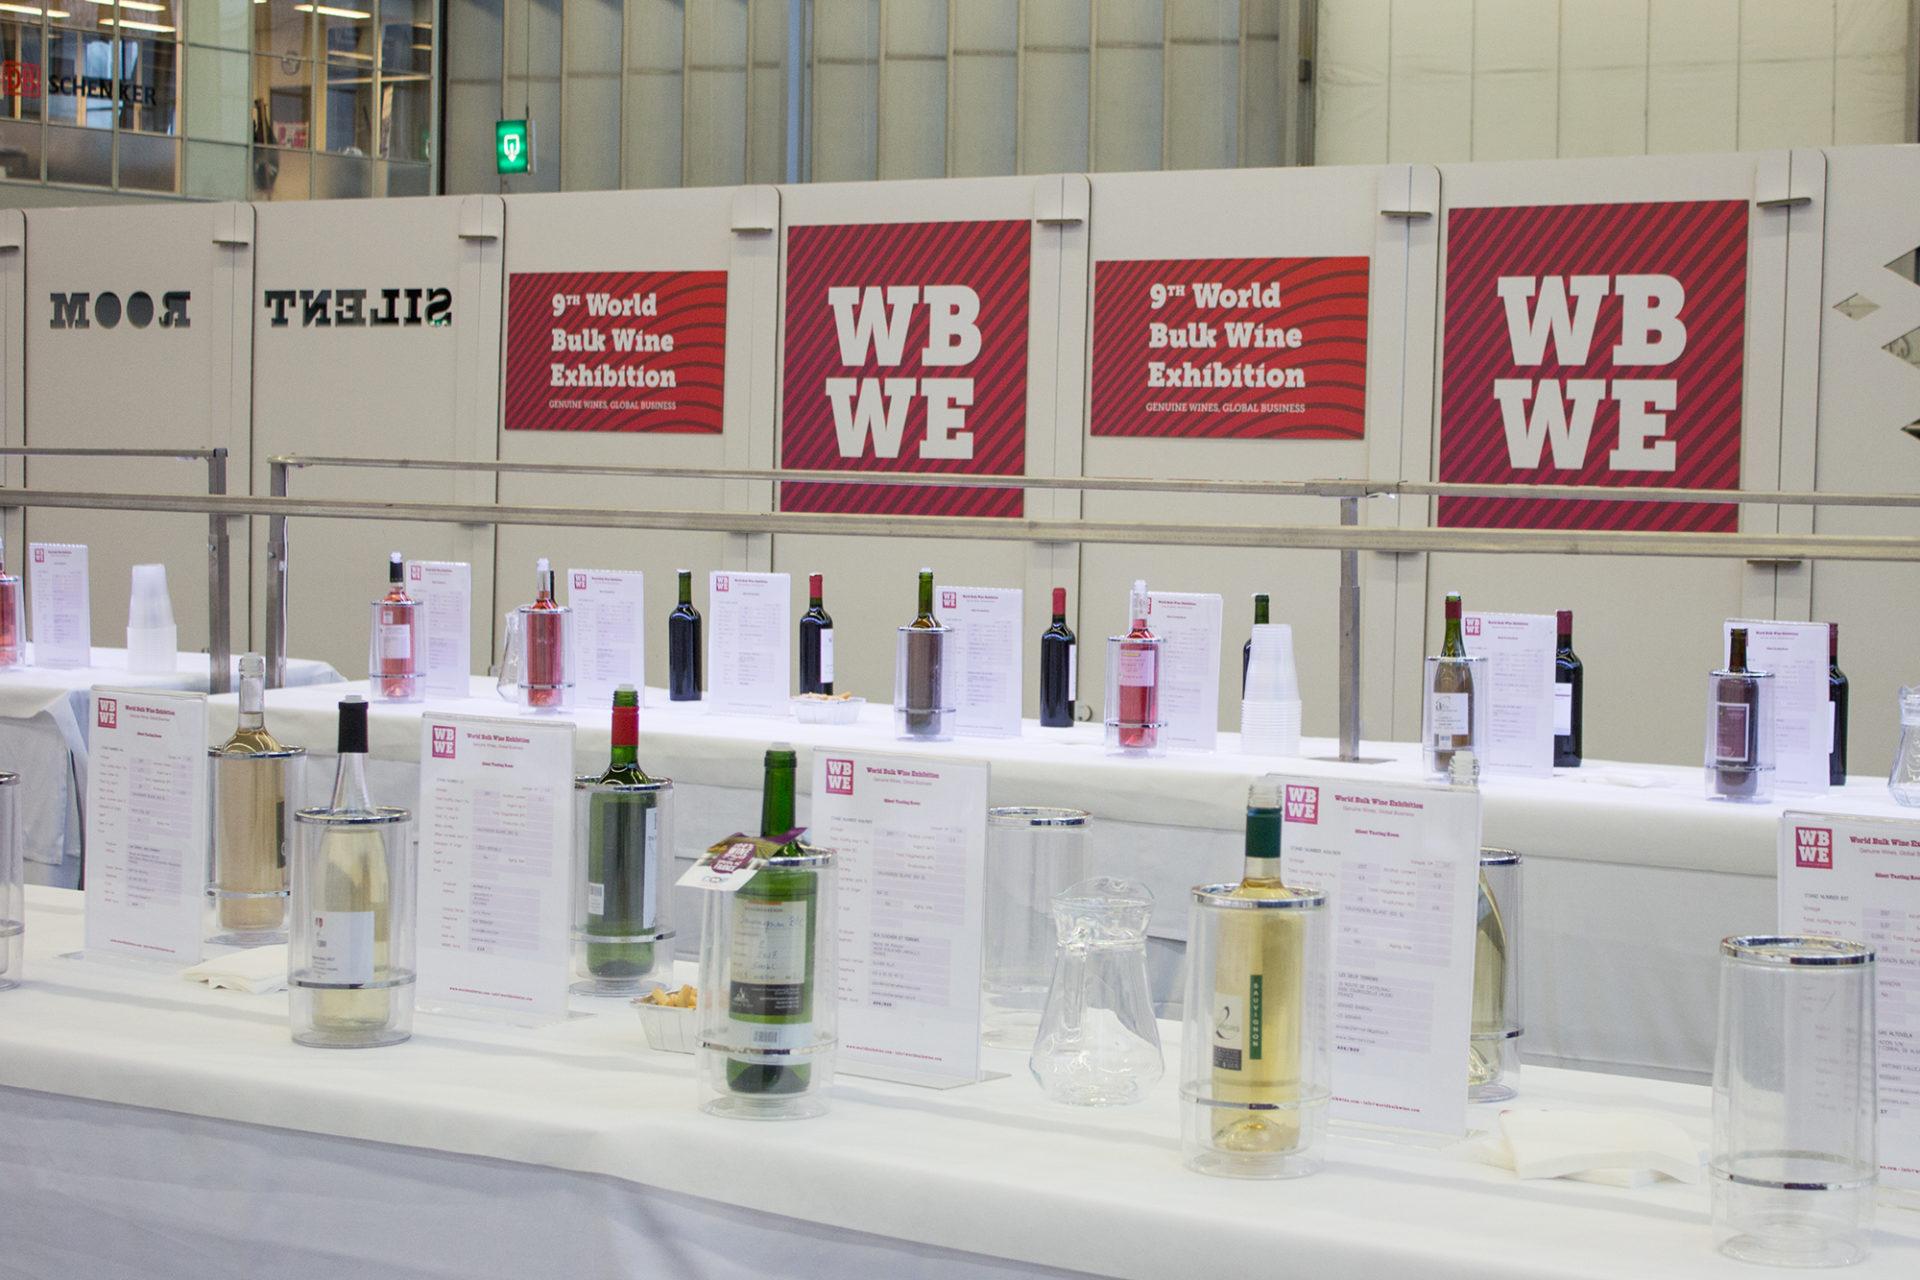 World Bulk Wine Exhibition 2019